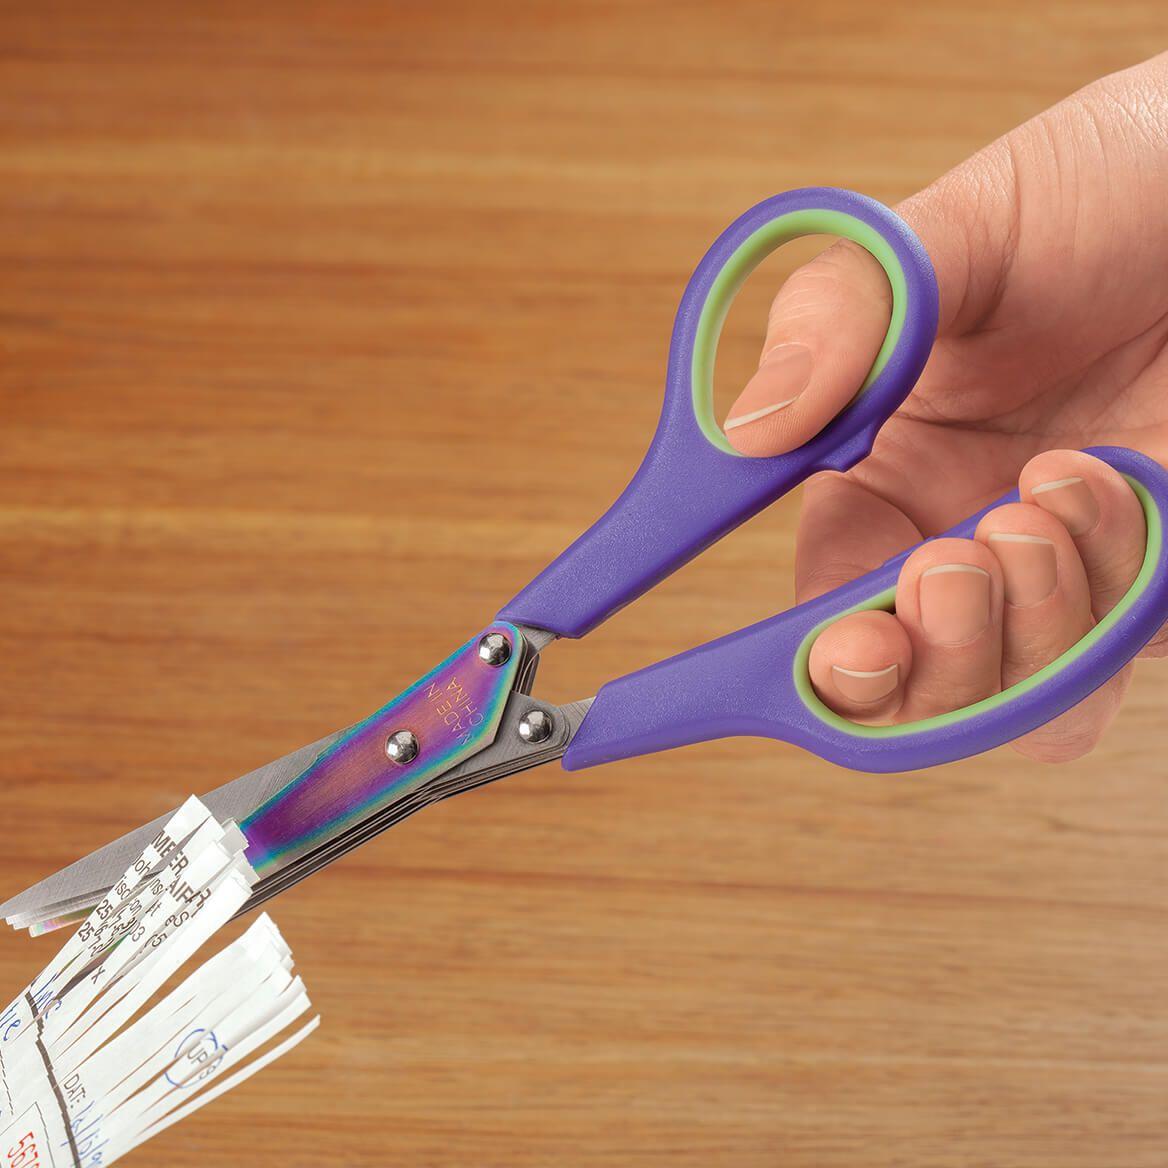 Titanium Rainbow Shredding Scissors-370714